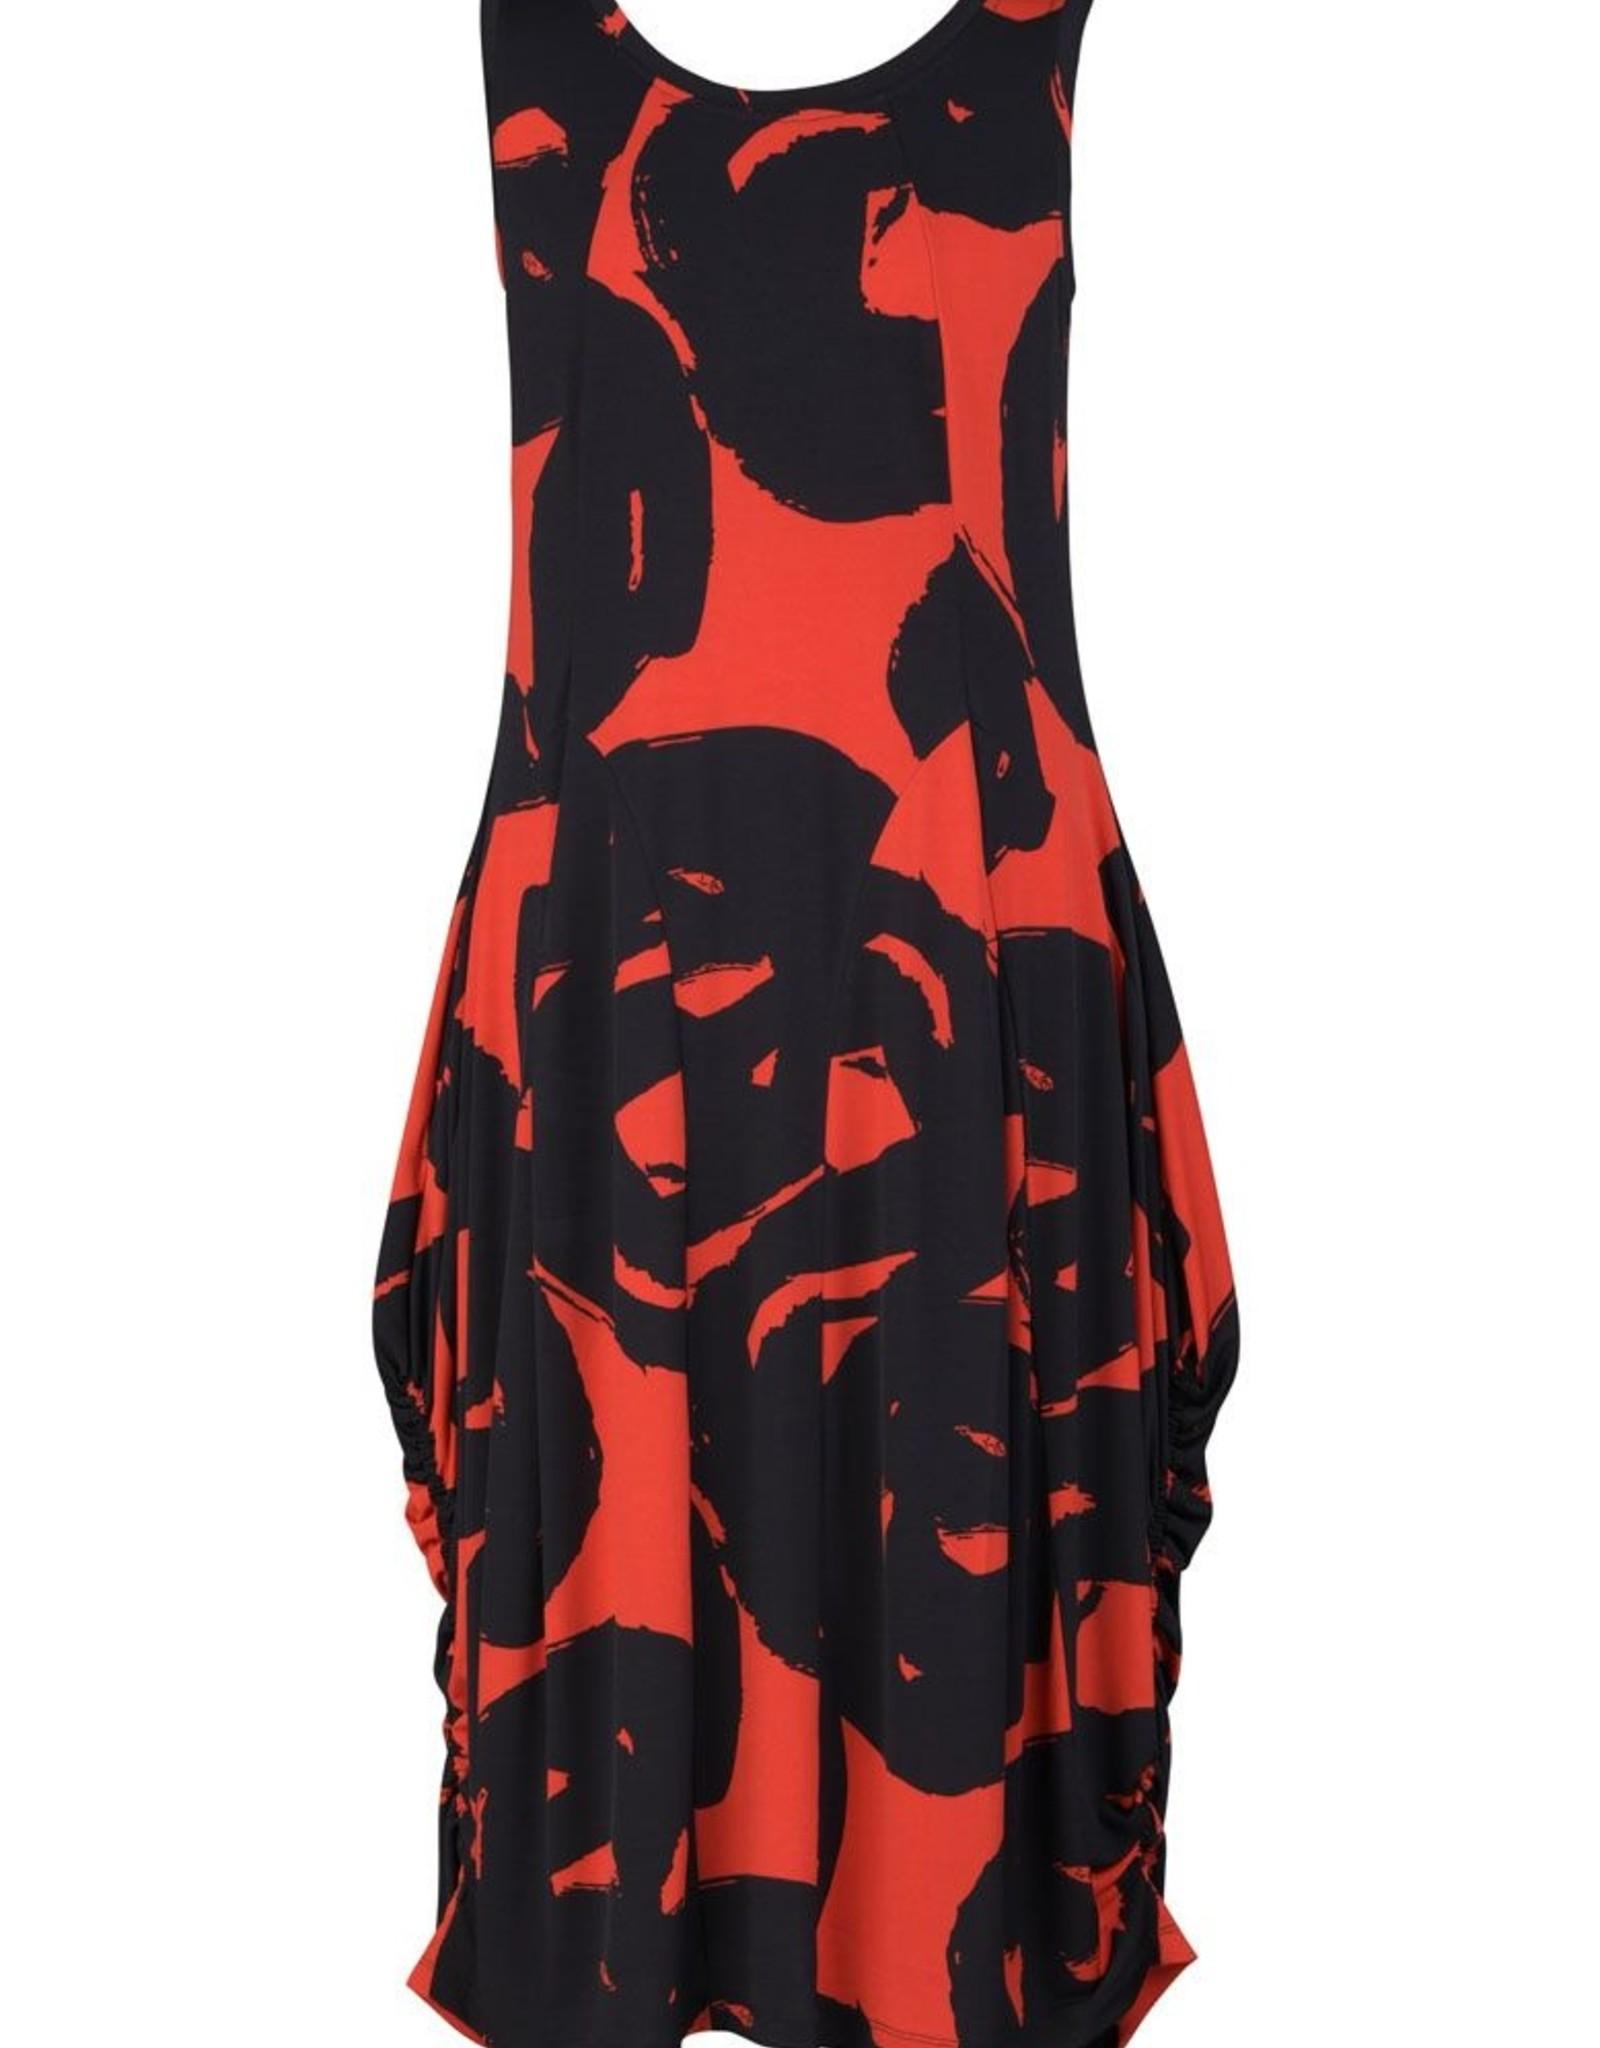 ALEMBIKA ALEMBIKA SD220T ART PRINT TANK DRESS